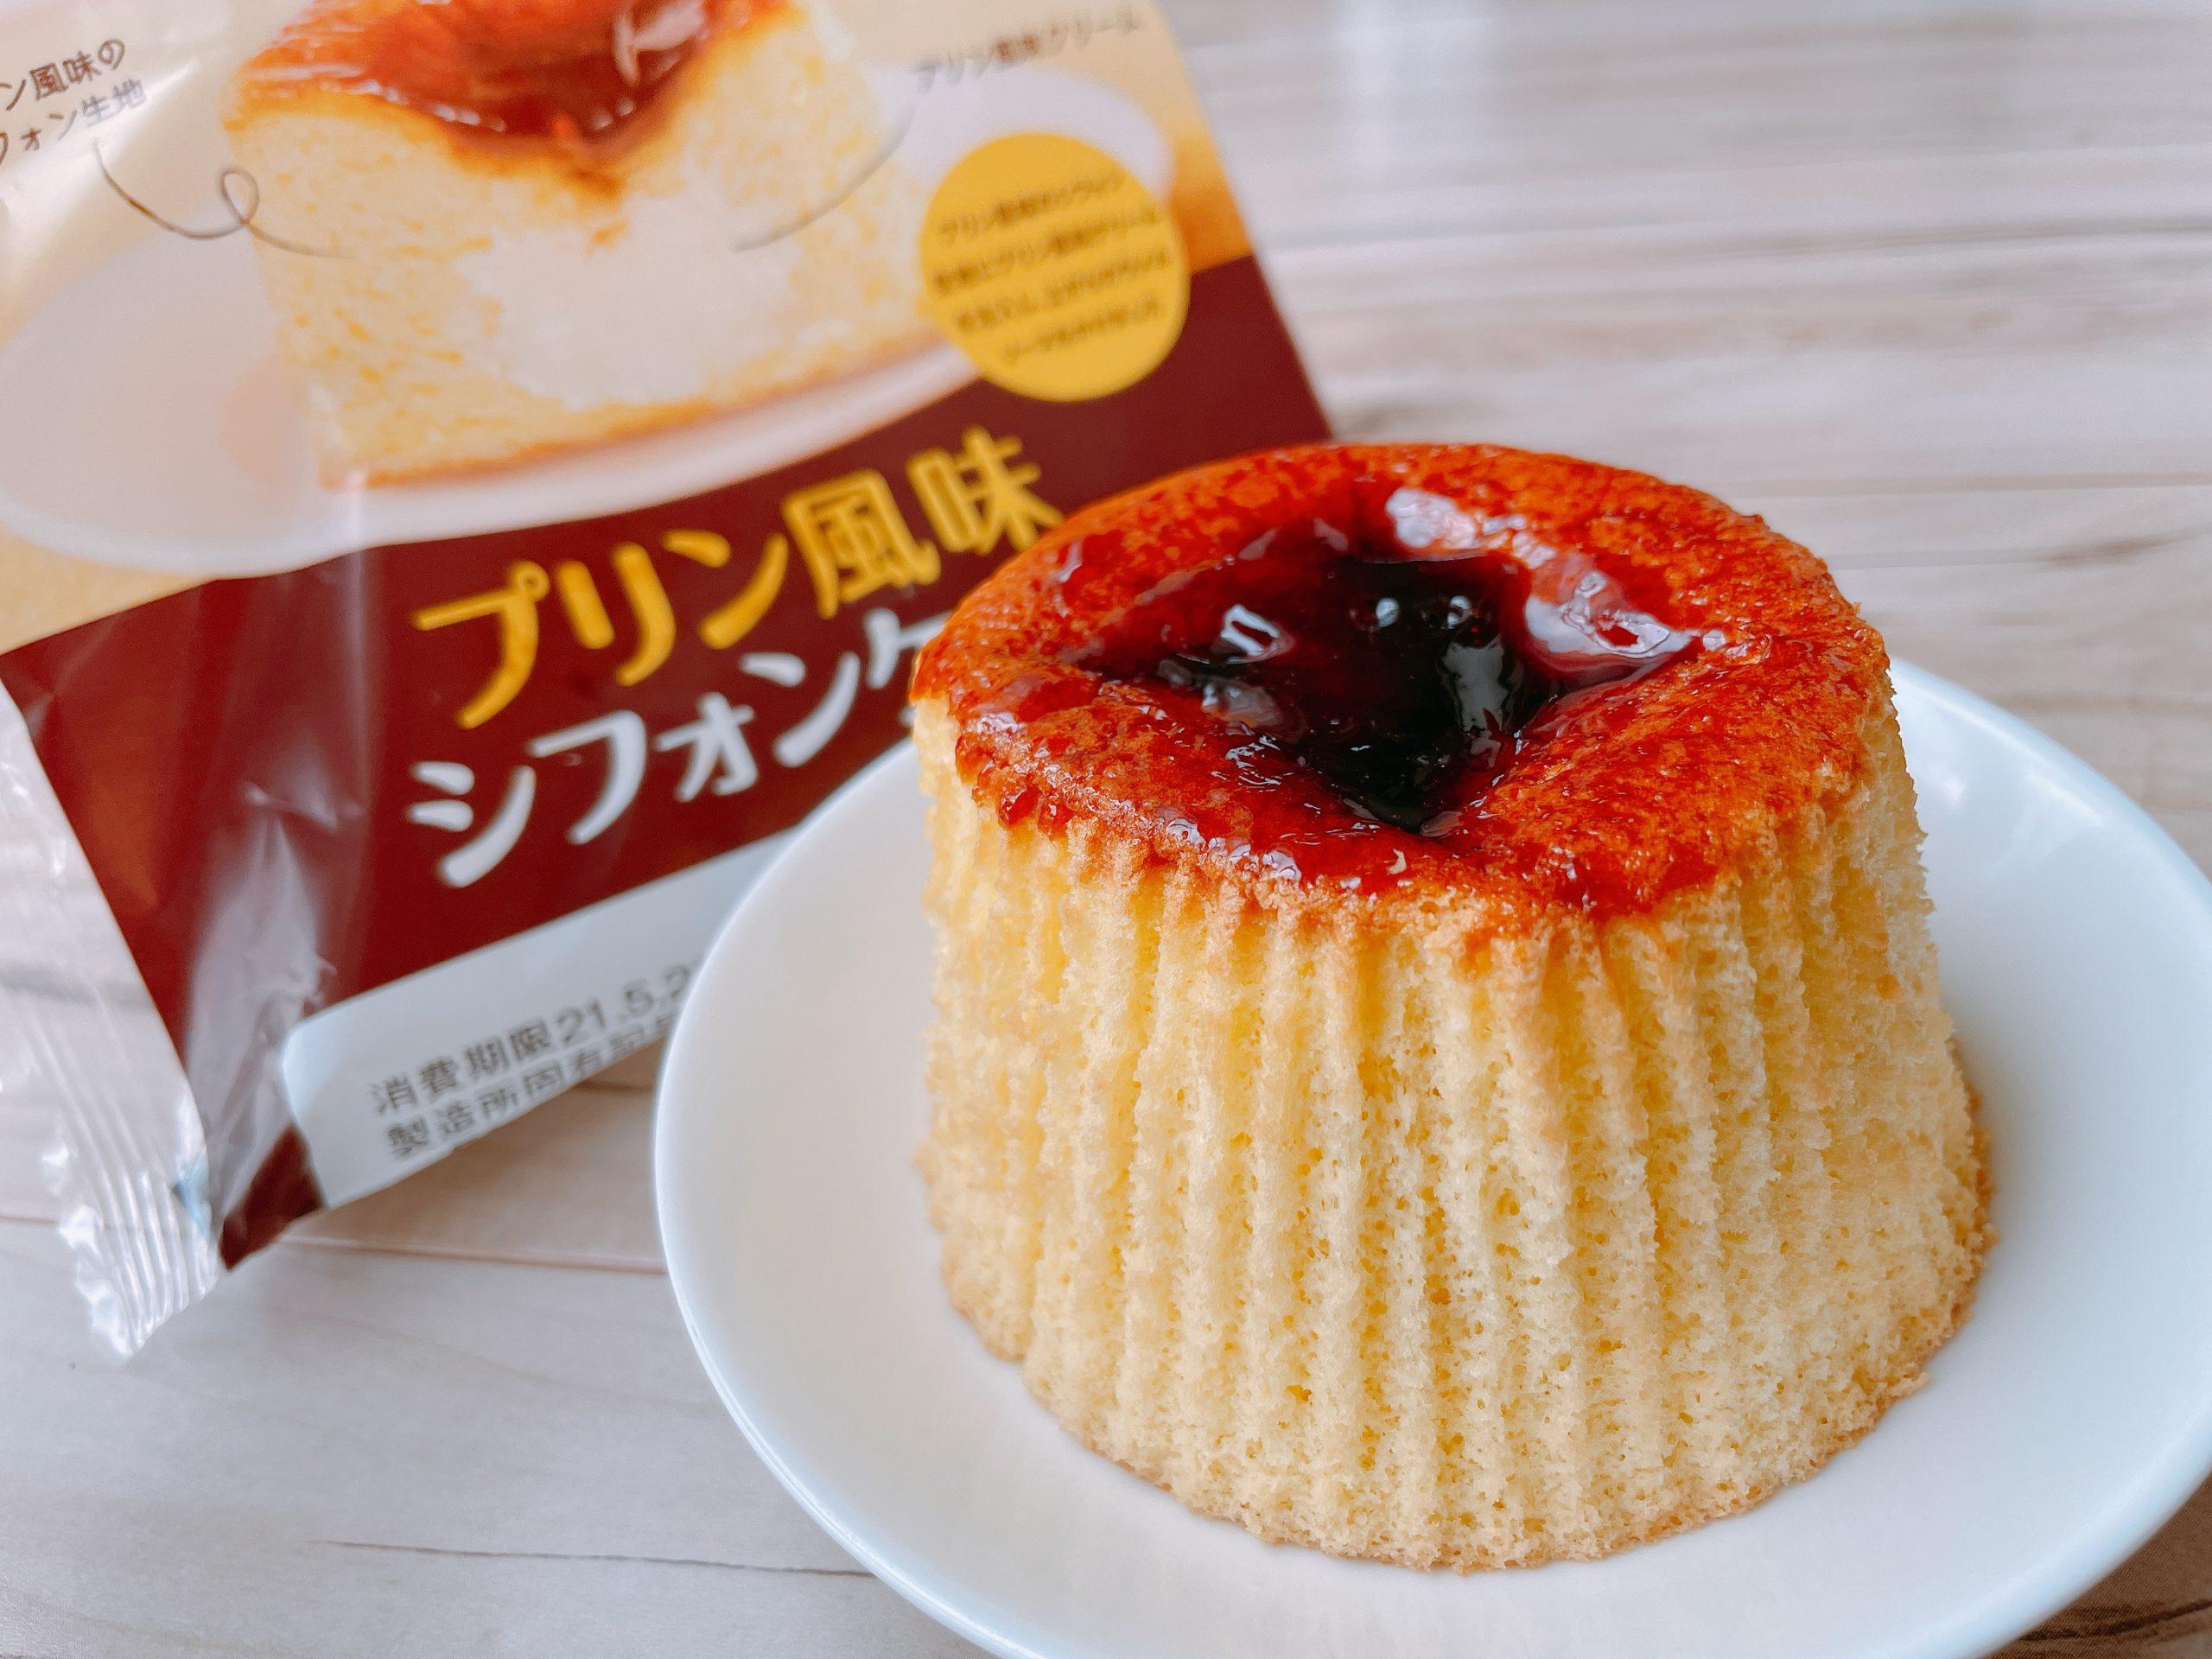 プリン風味シフォンケーキはカップケーキみたいな包装